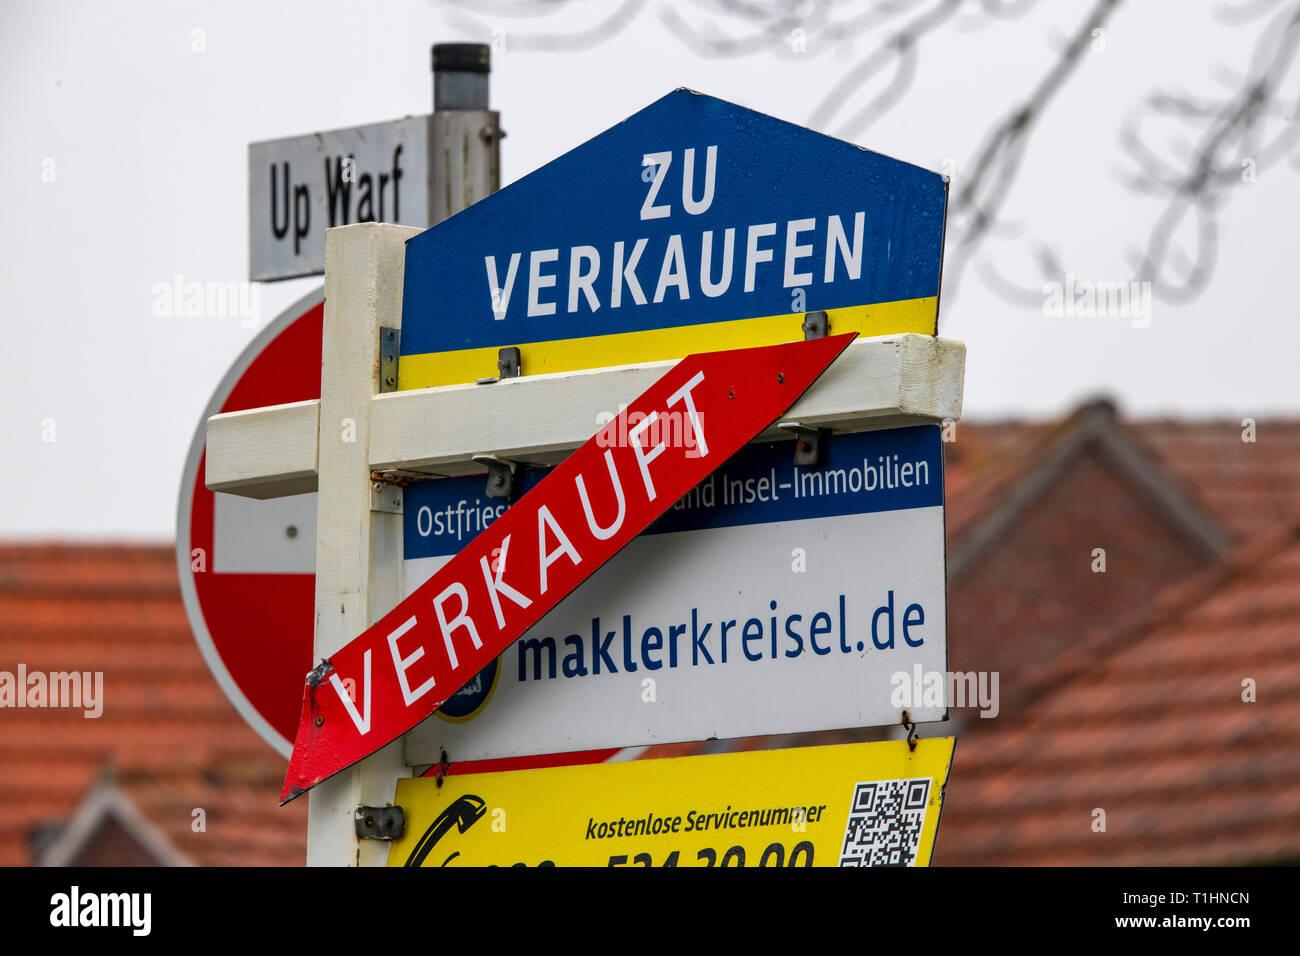 Immobilien zu verkaufen, wurde verkauft, Brokerage, Ostfriesland, Niedersachsen, Stockbild